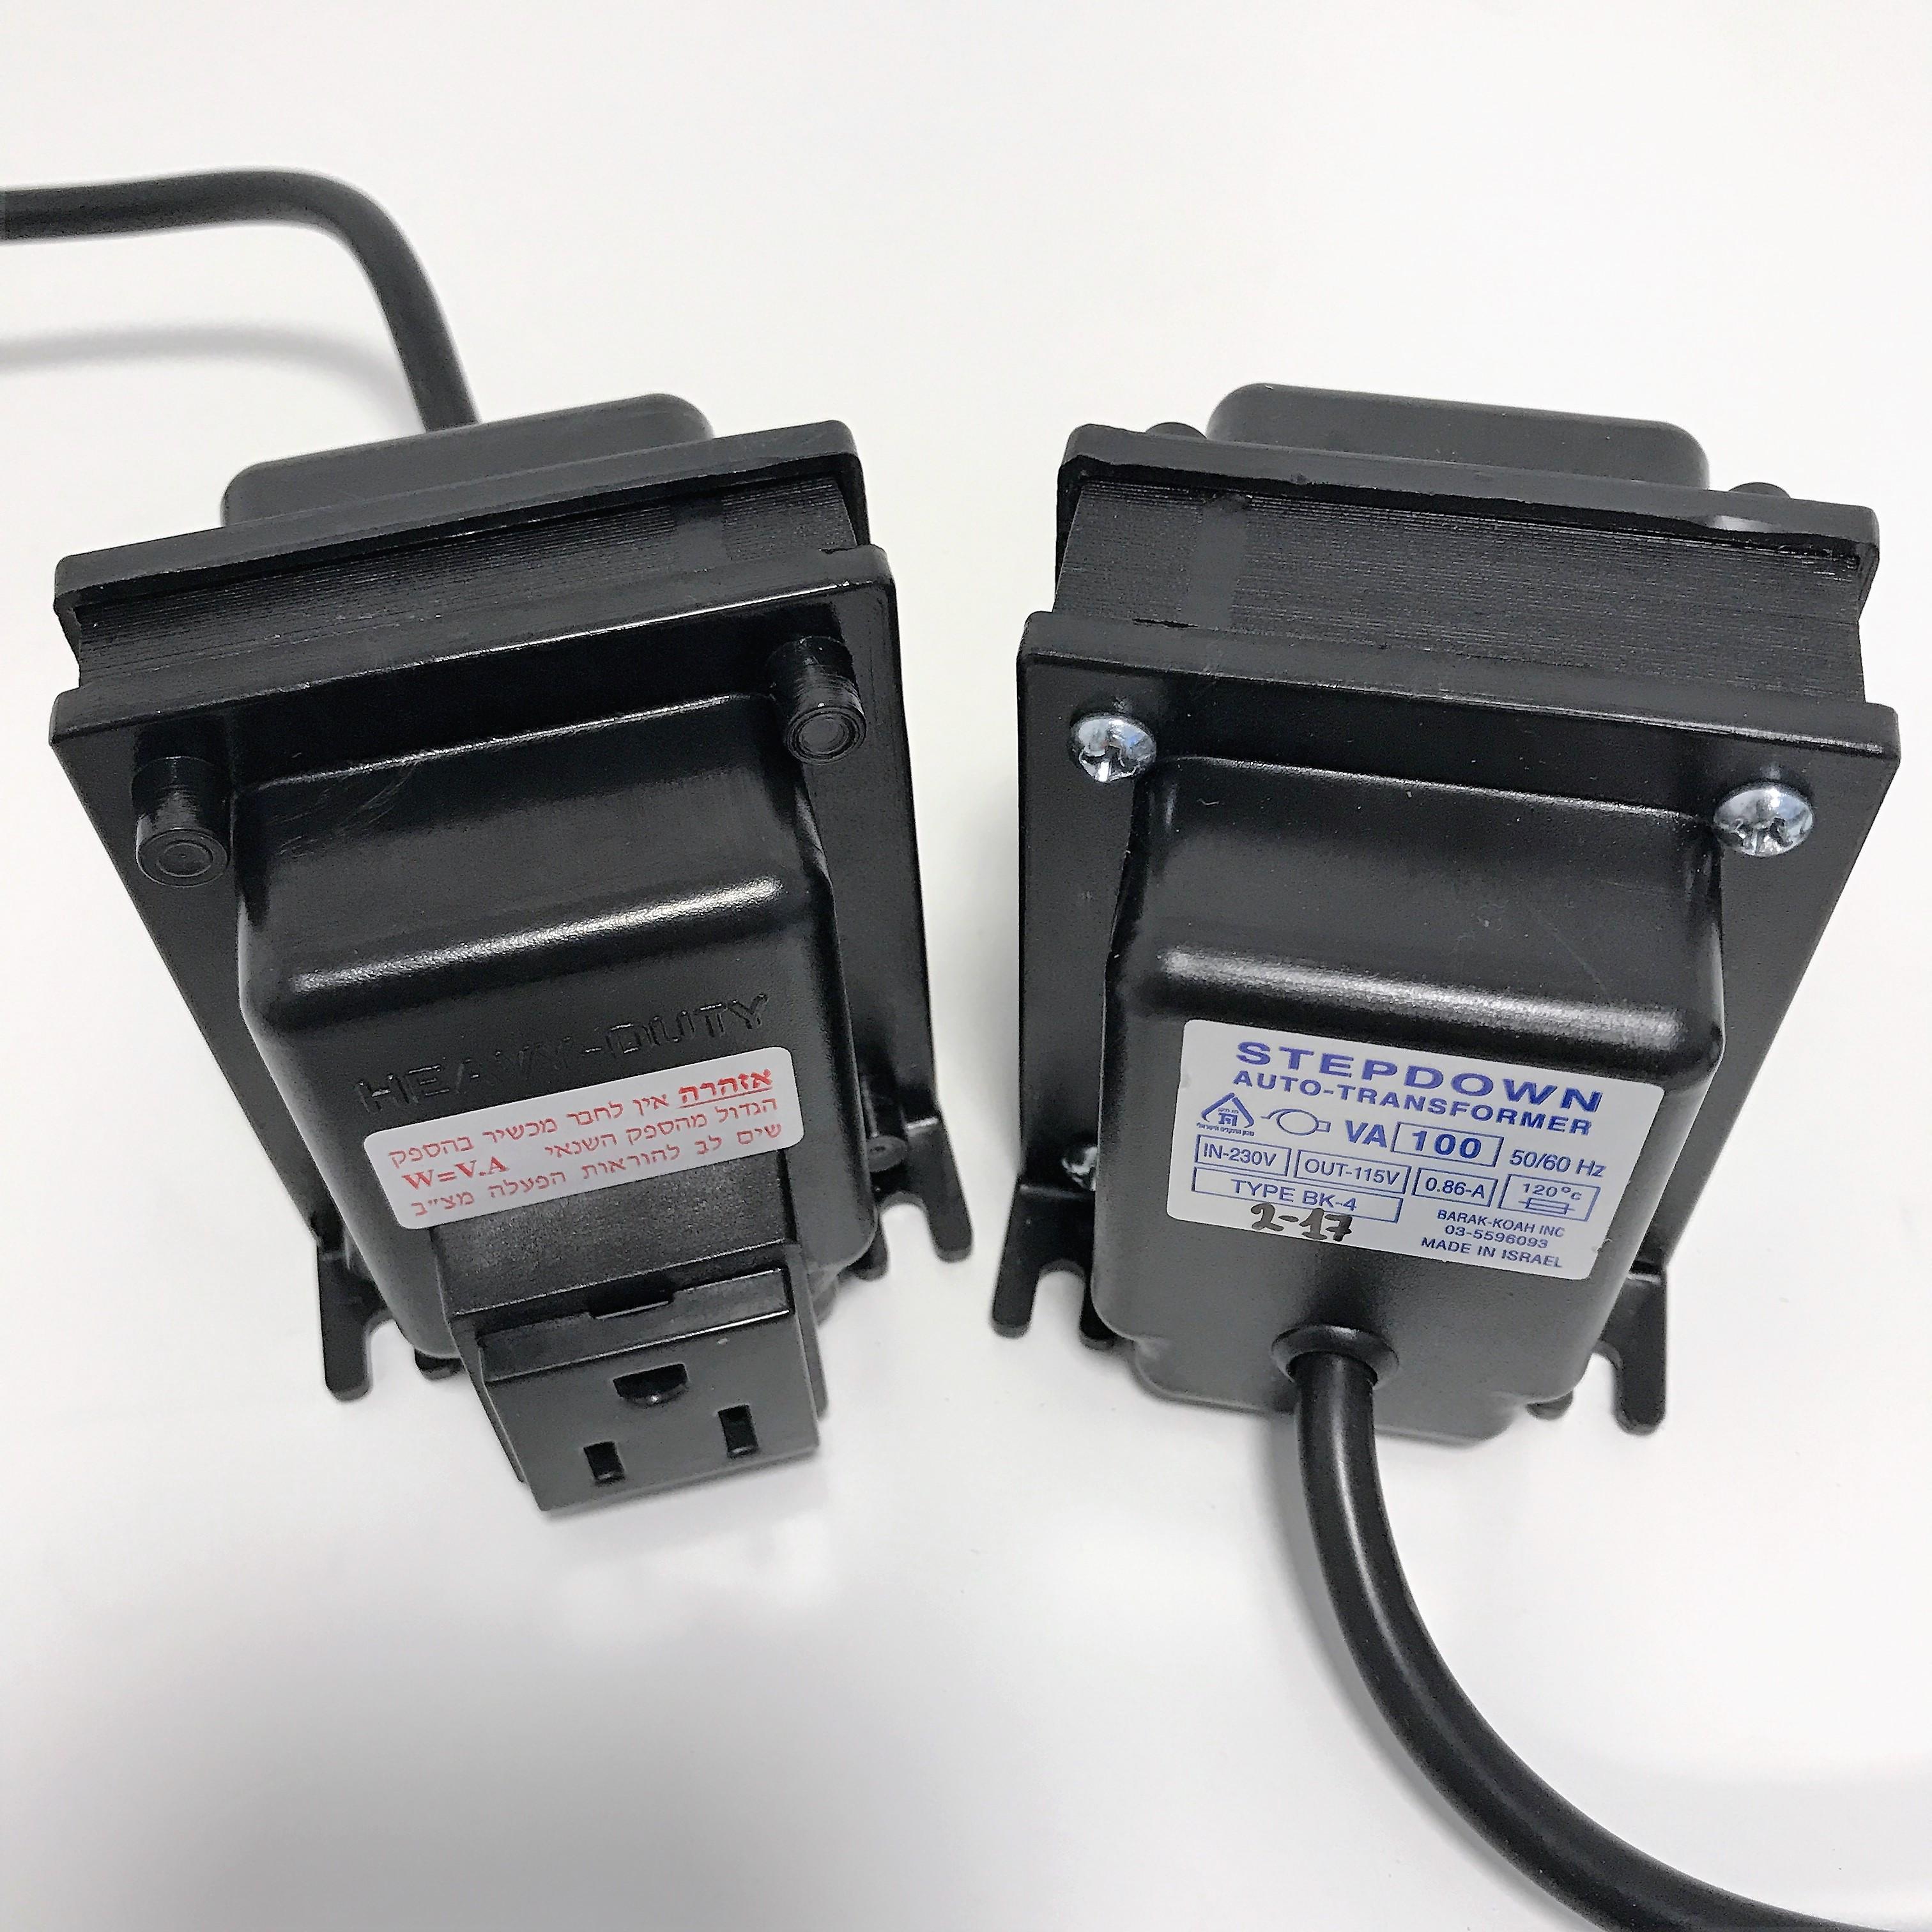 שנאי אוטוטרפו בהספק 150VA (למכשיר אמריקאי 115V)